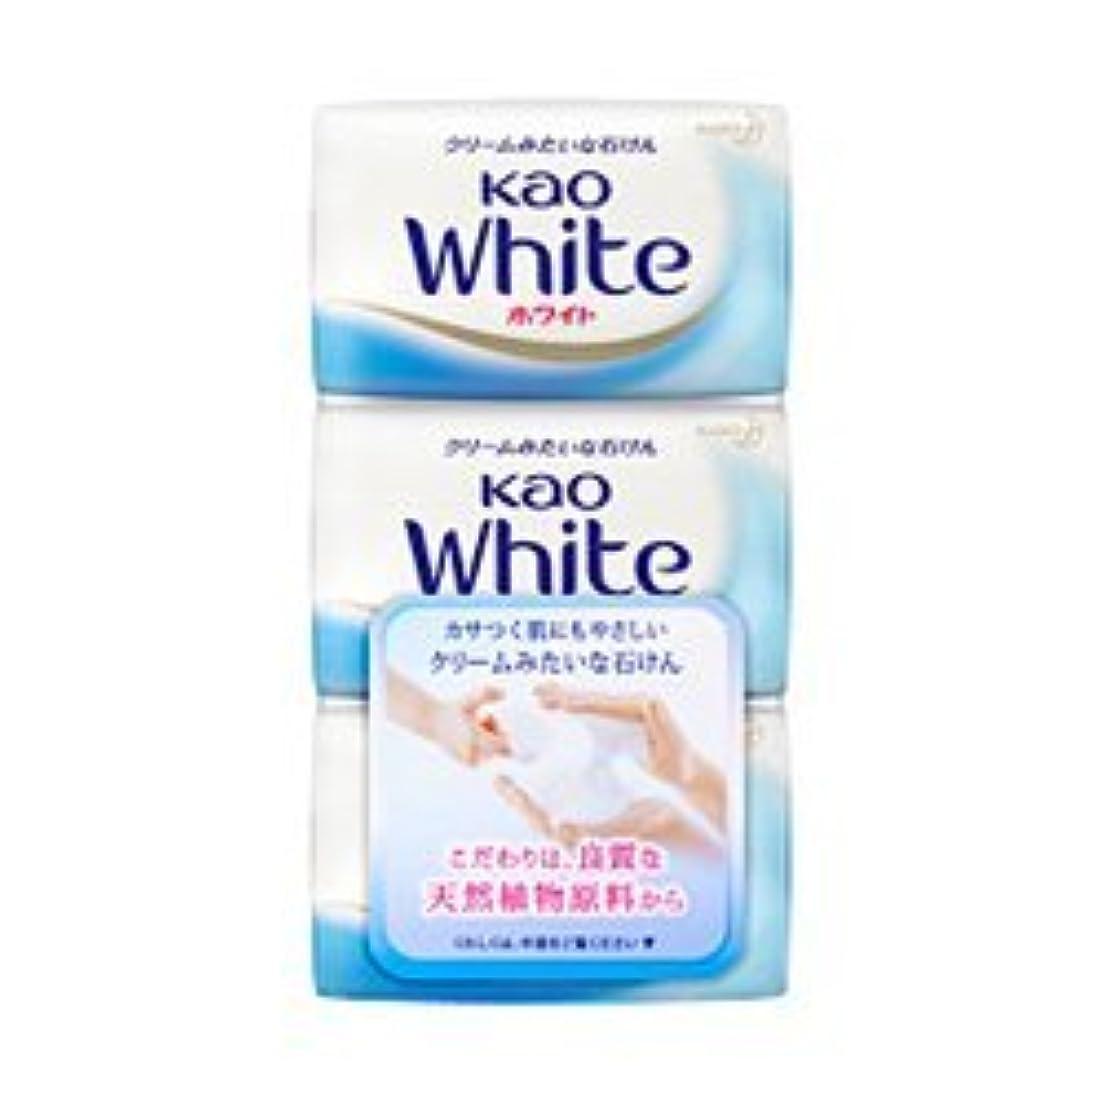 夢中章回想【花王】花王ホワイト レギュラーサイズ (85g×3個) ×5個セット